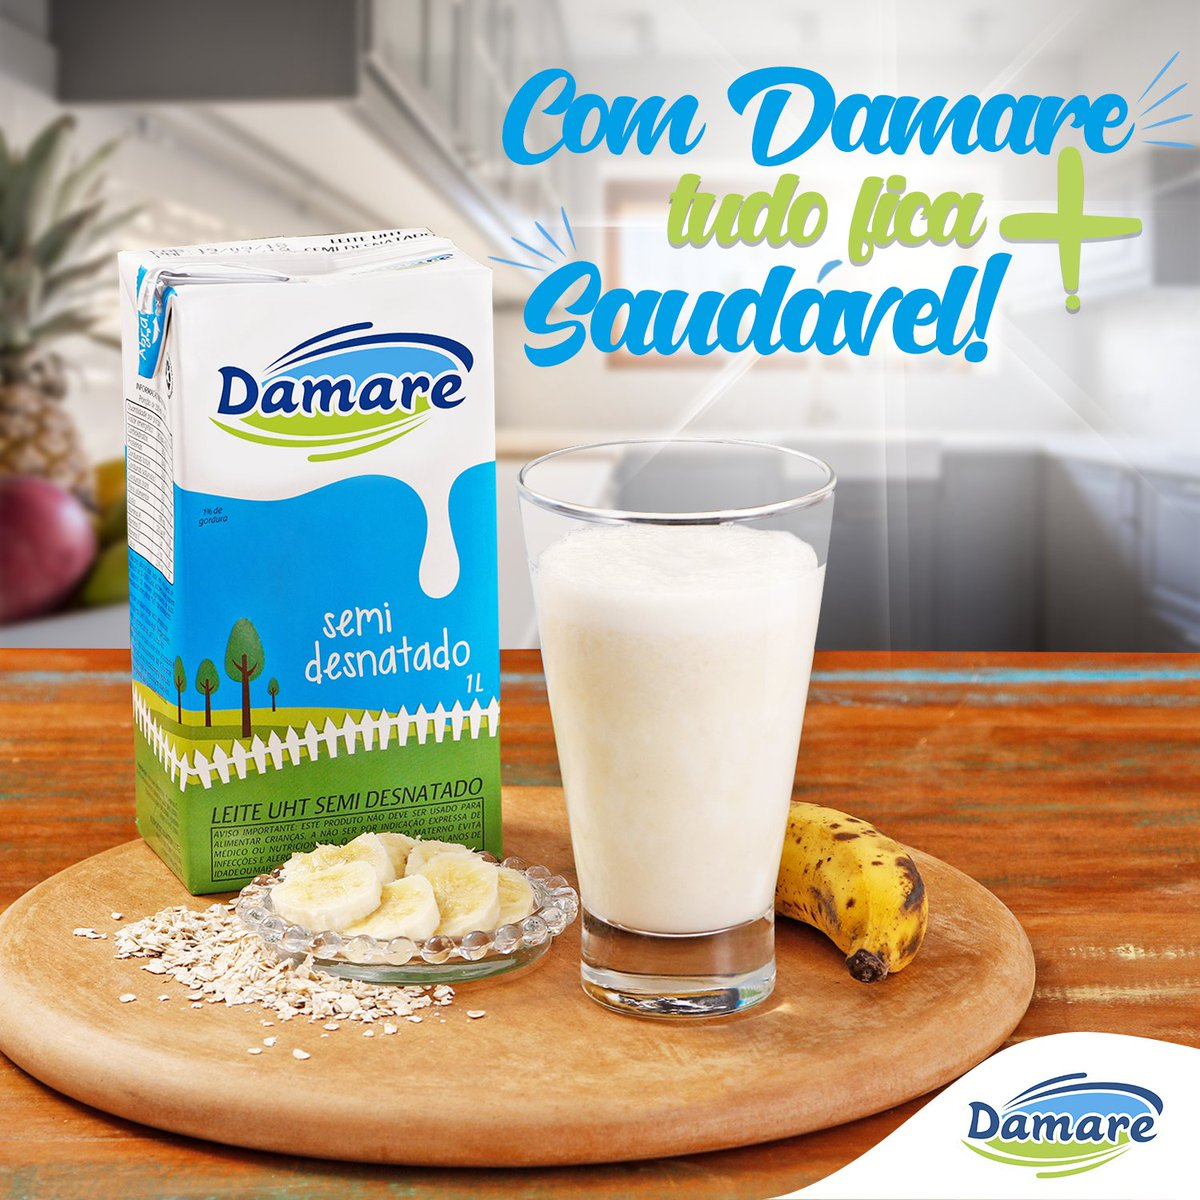 Com Damare seu café da manhã  é completo e saudável de verdade!  #laticíniosdamare #laticinios #damarelaticinios #muitoperfeito #delicia #saboroso #comdamaretudoficamais #leite #saudavel #bebamaisleitepic.twitter.com/6wgC4fTERY